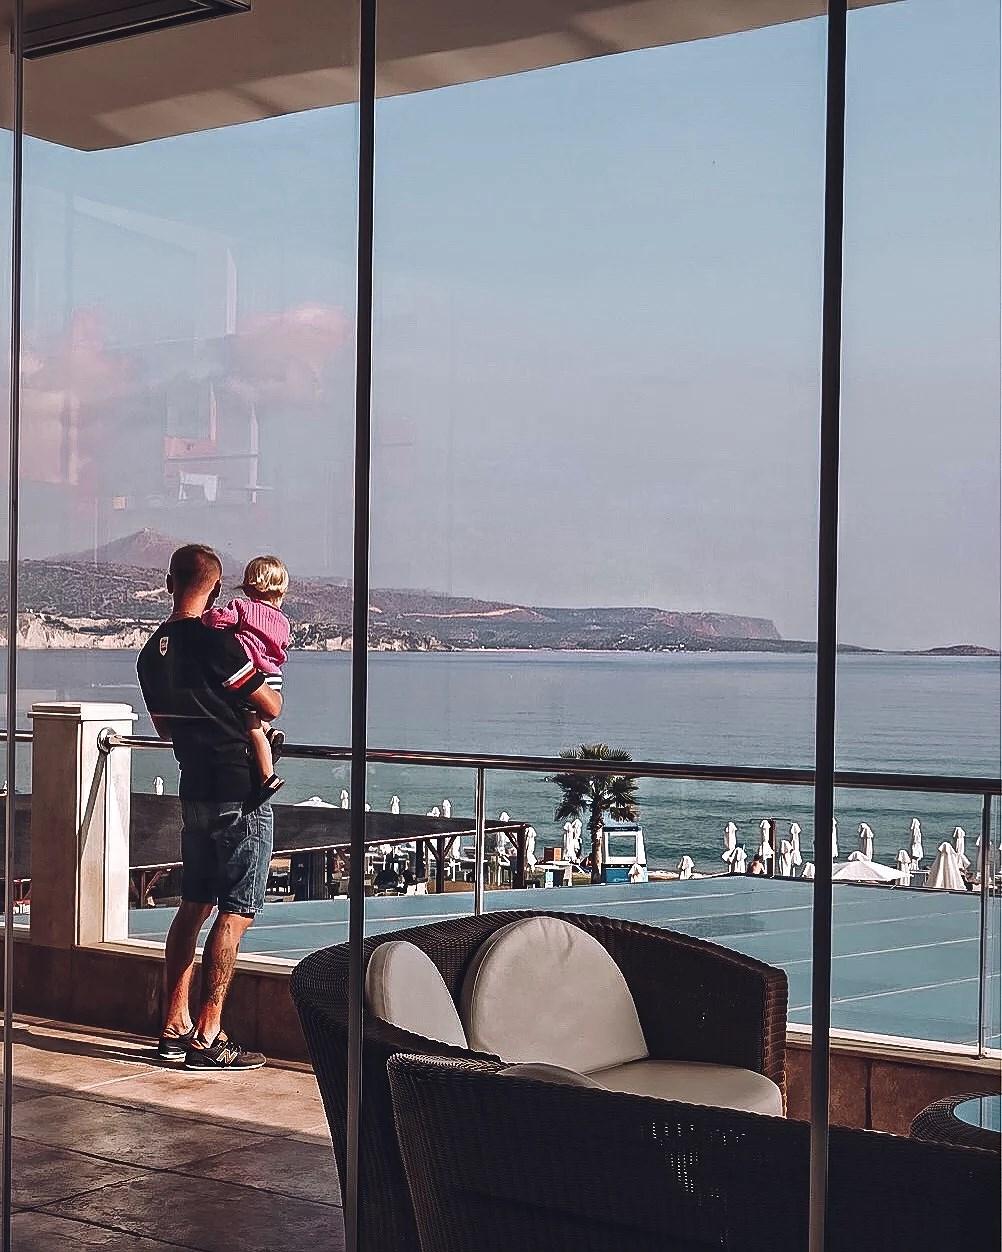 Nasze wakacje w pięciogwiazdkowym hotelu Kiani Beach Resort na Krecie - opinia o hotelu, wrażenia